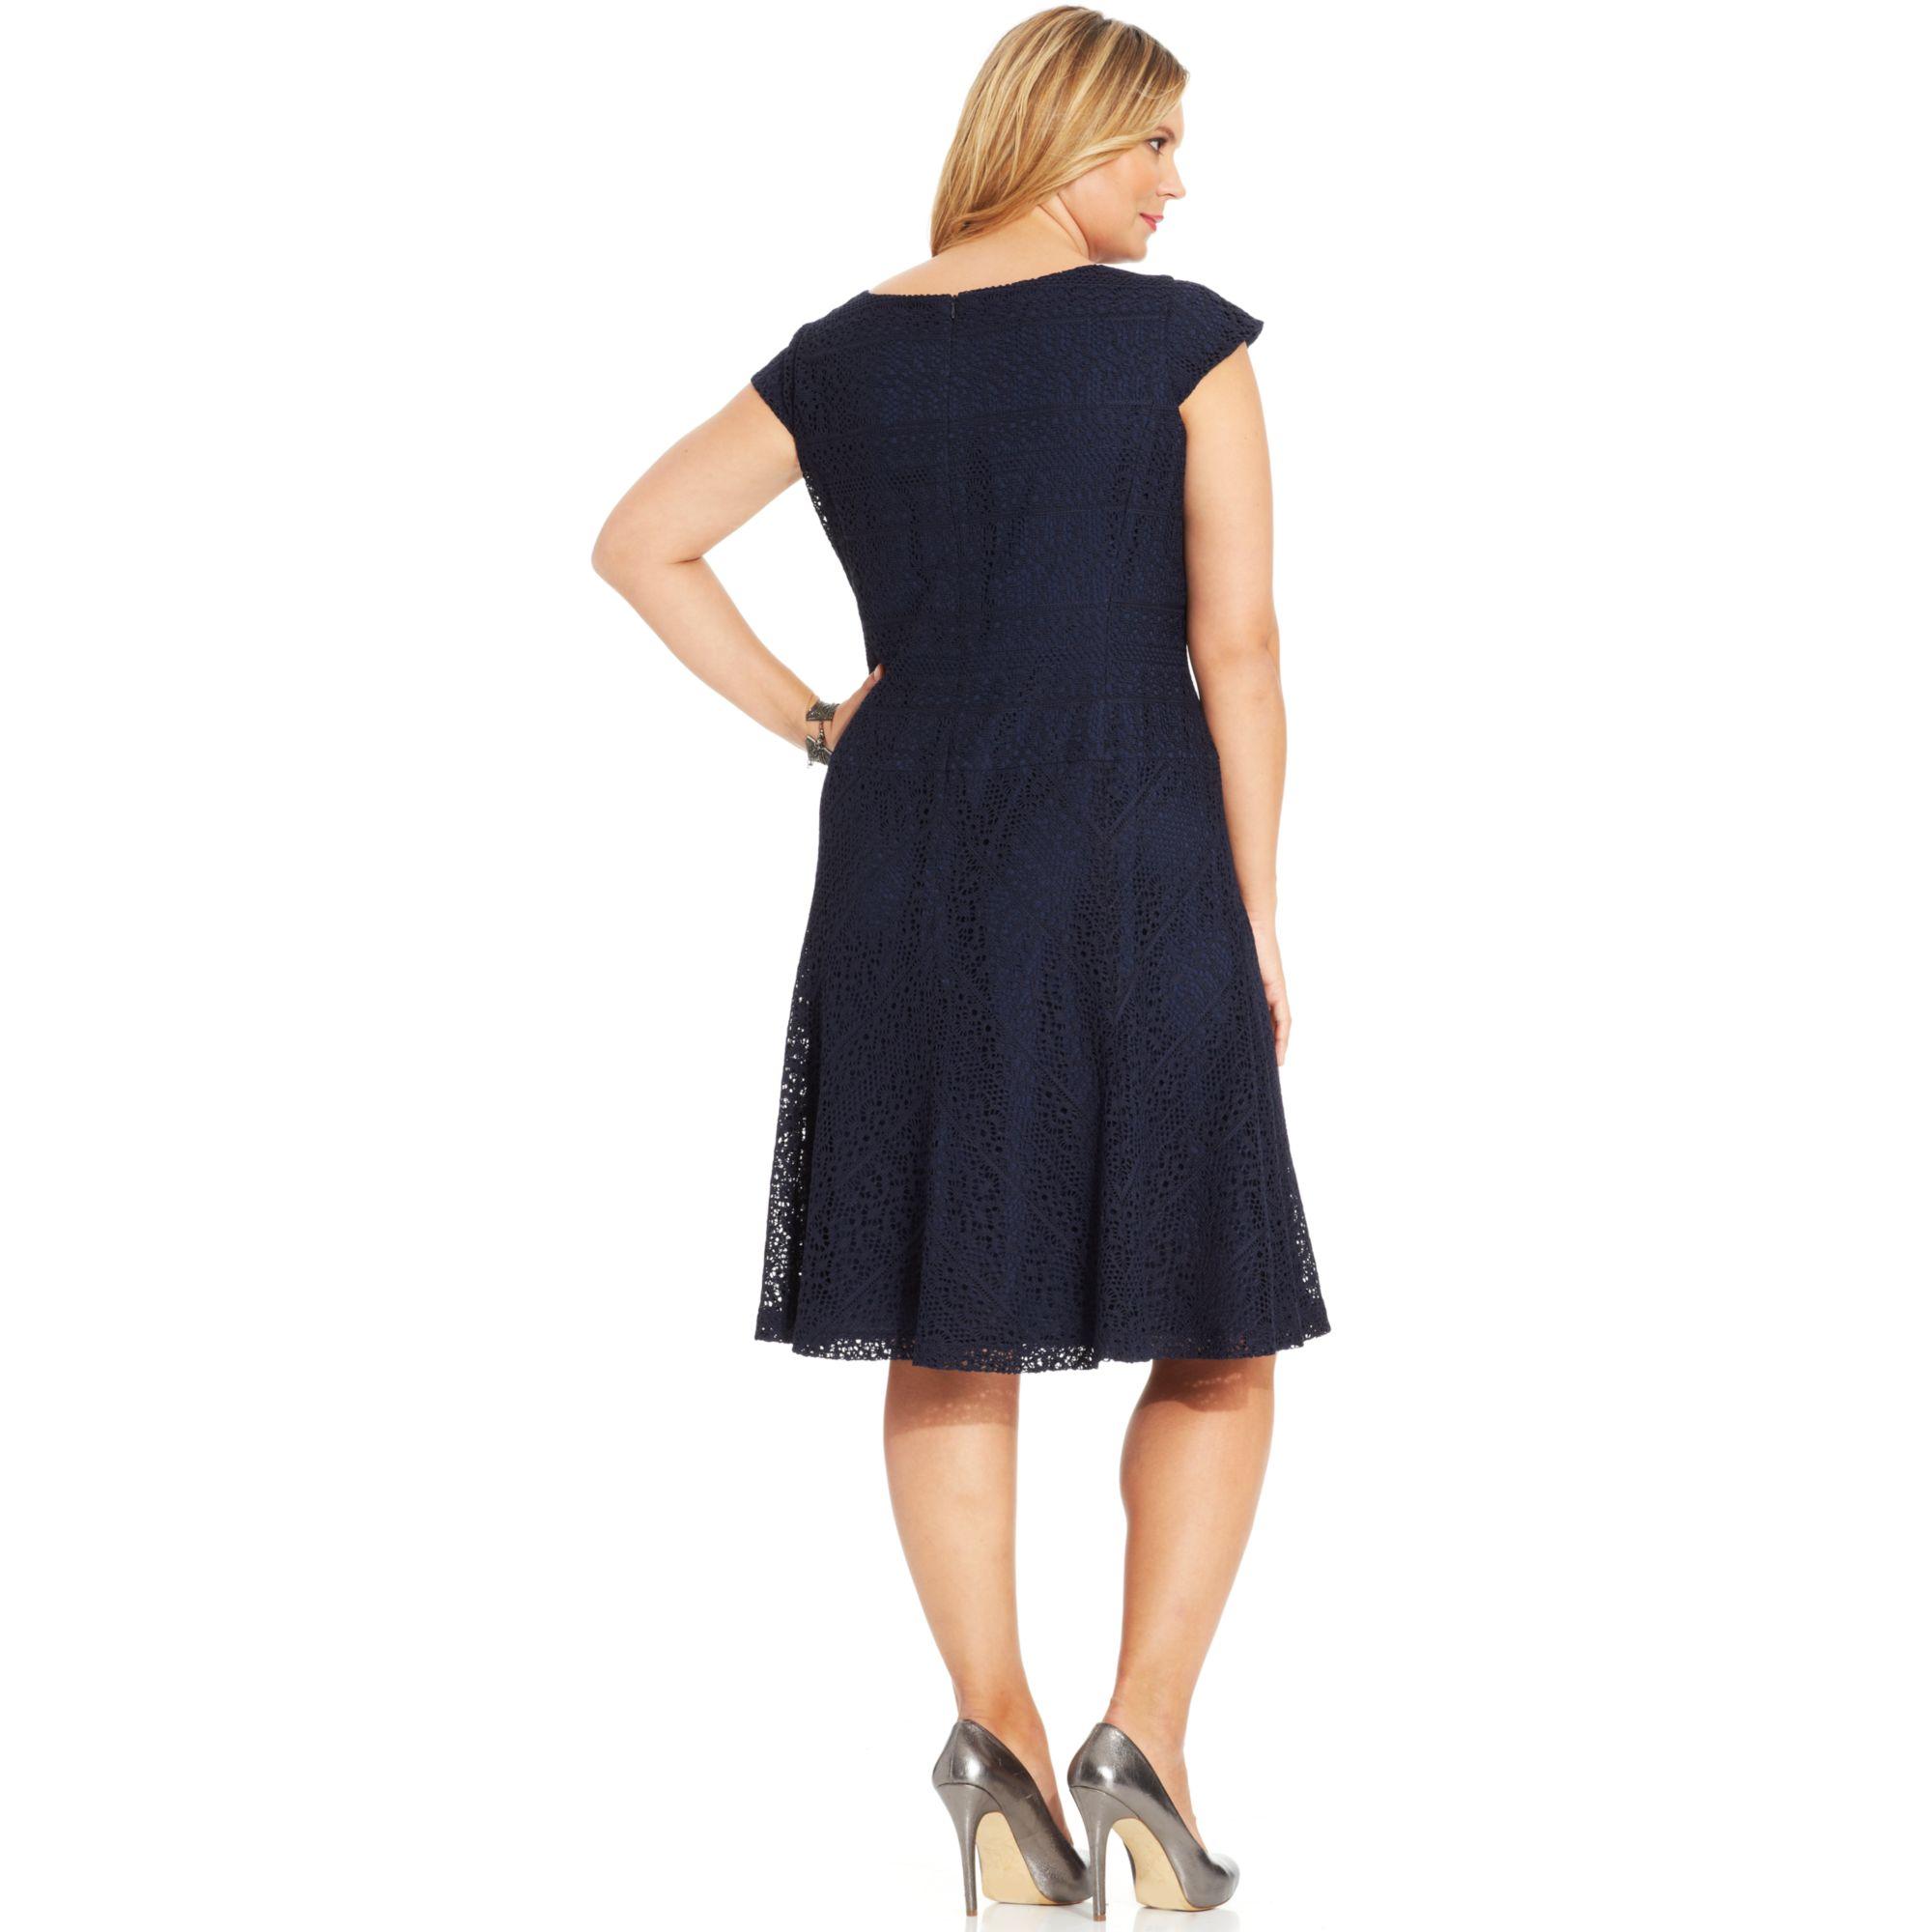 Anne Klein Plus Size Capsleeve Crochetlace Dress In